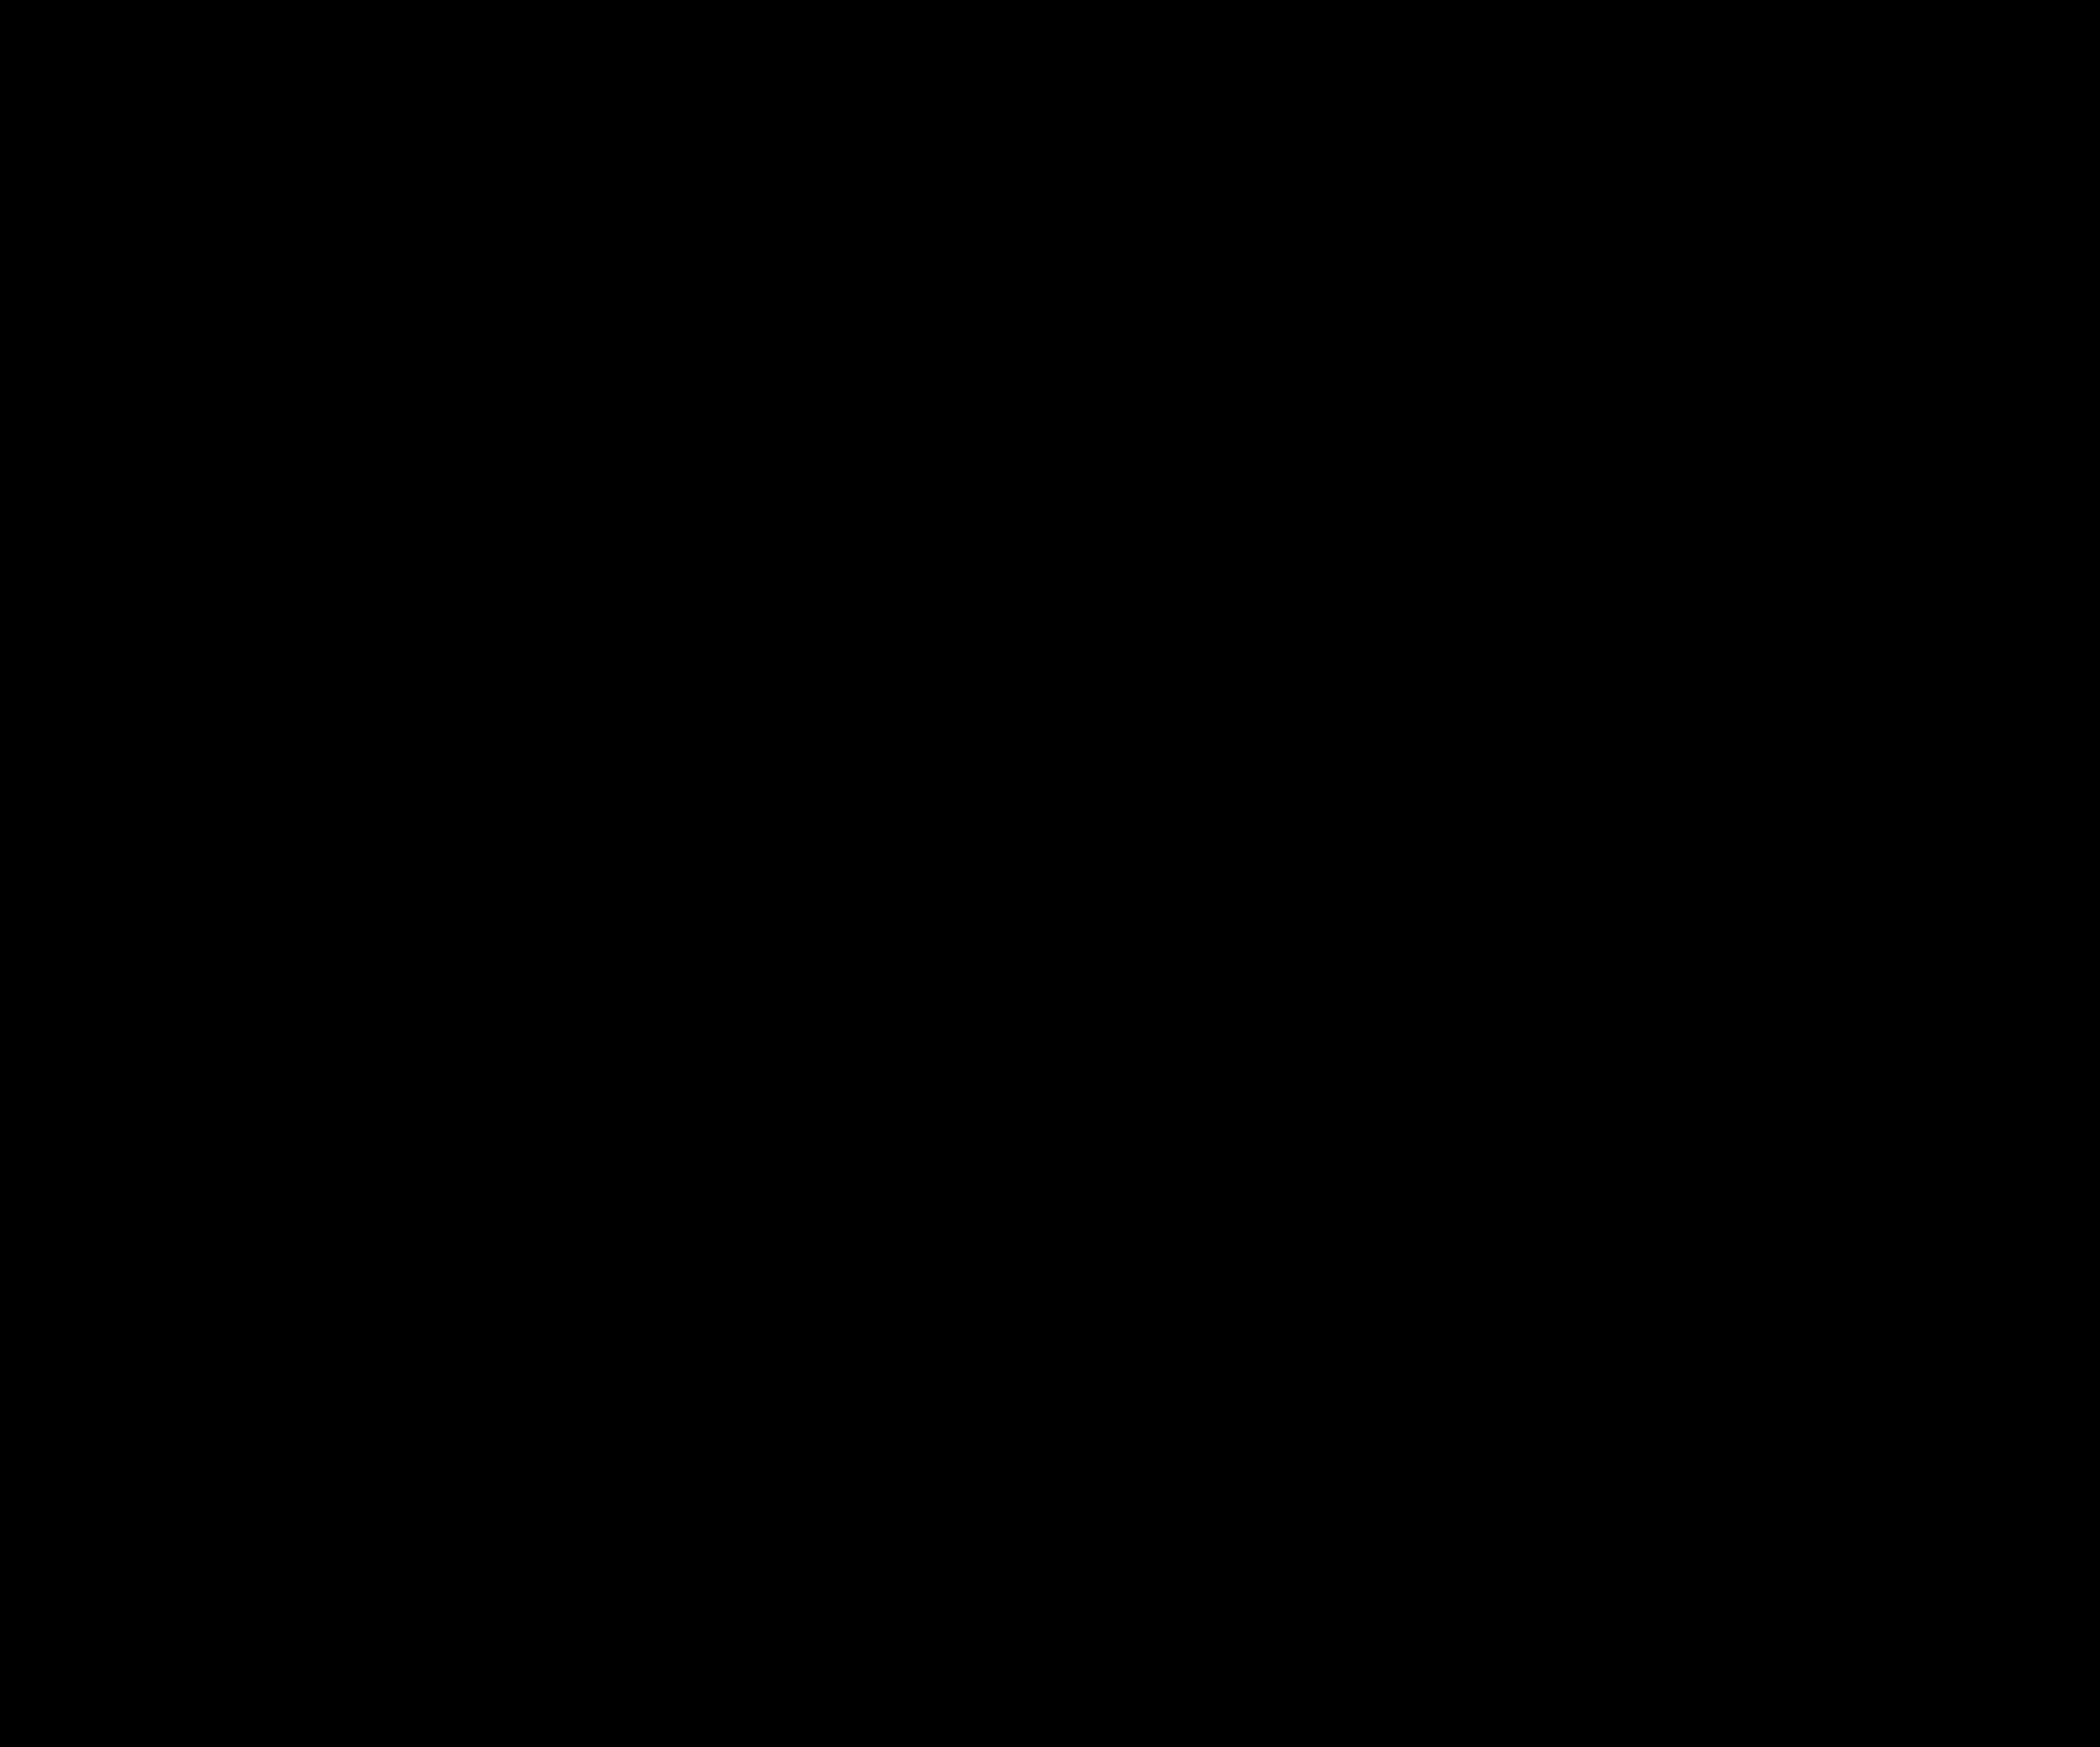 Mapa de Tráfico de Álava 2009